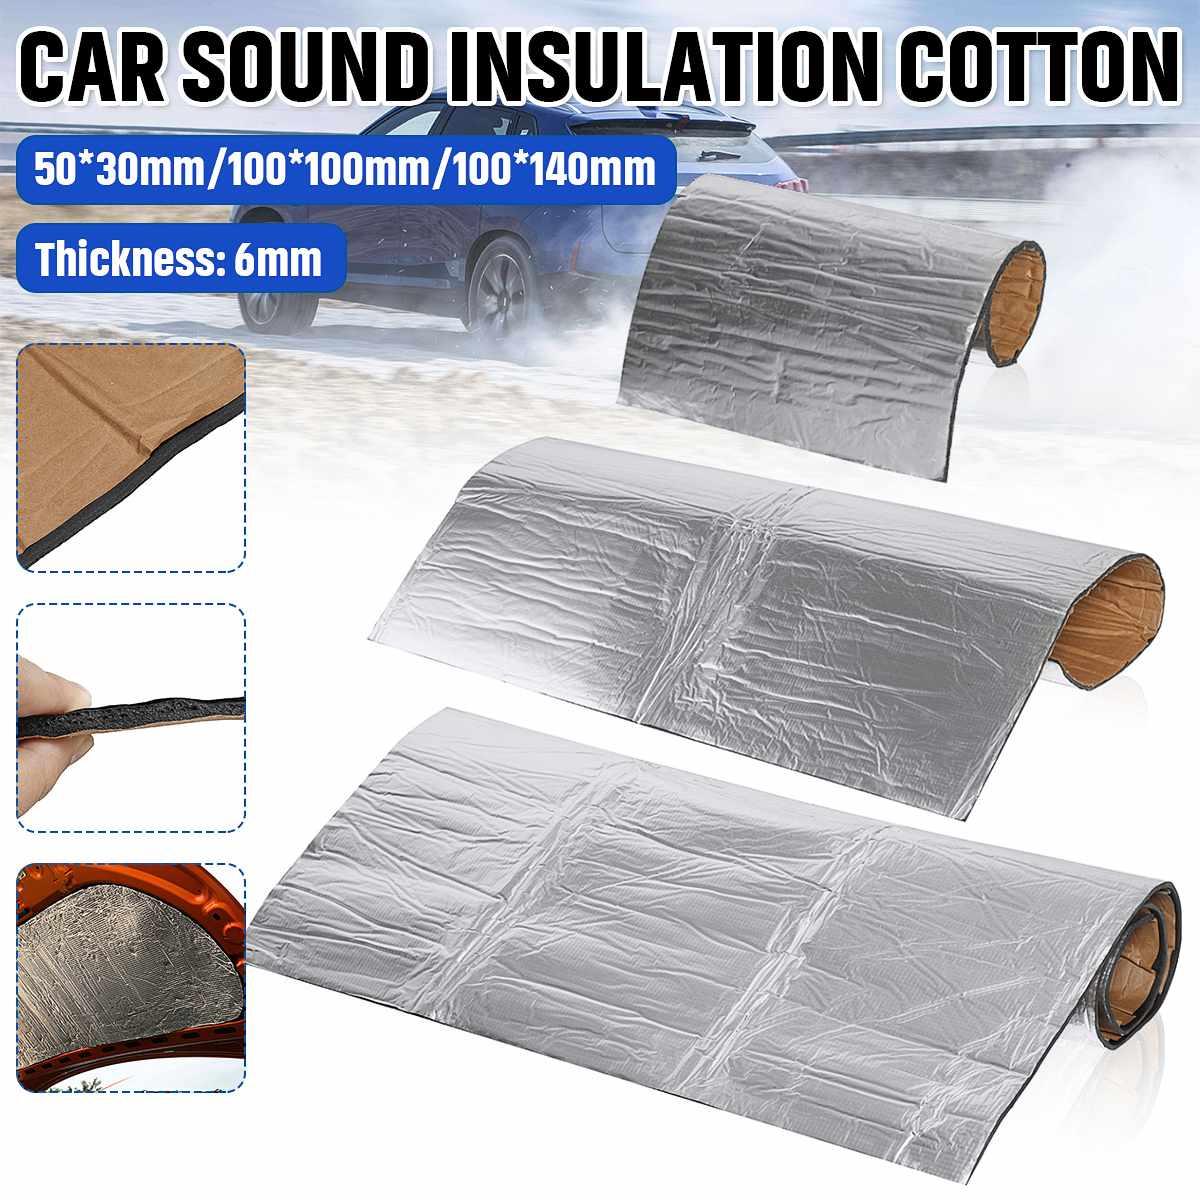 Car Soundproof Cotton Noise Deadener Sound Insulation Shield Foam 6mm 50*30cm/100*100cm/100*140cm